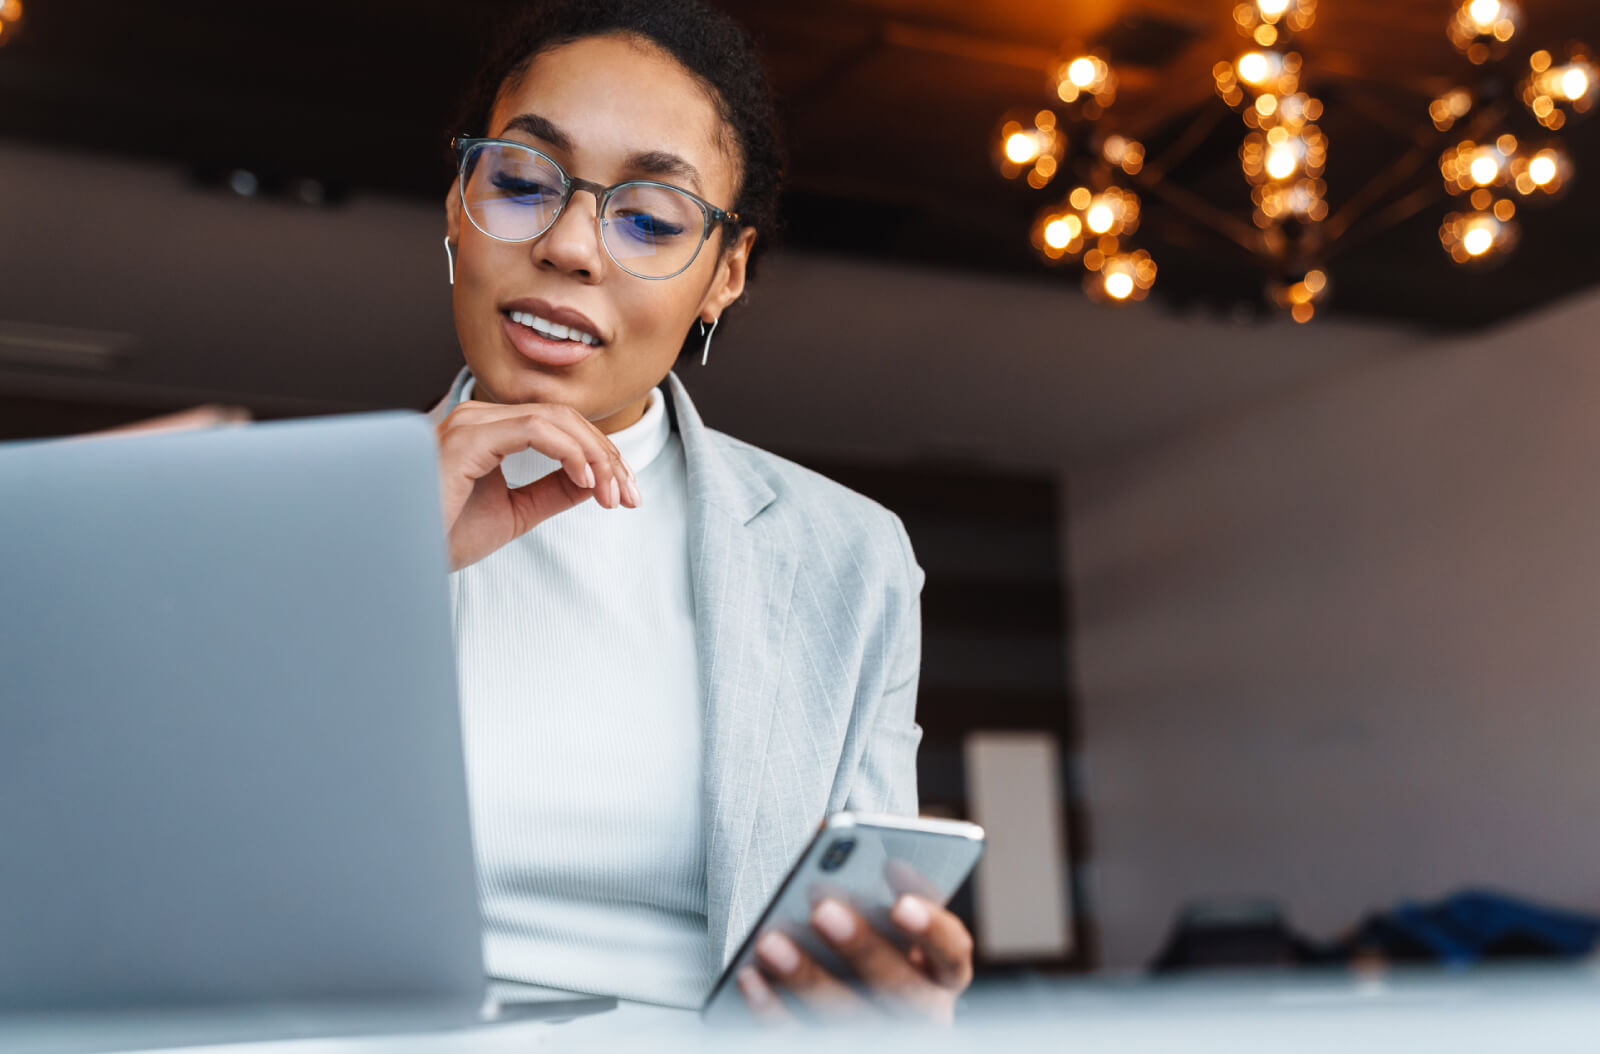 5 bancos que oferecem serviços digitais